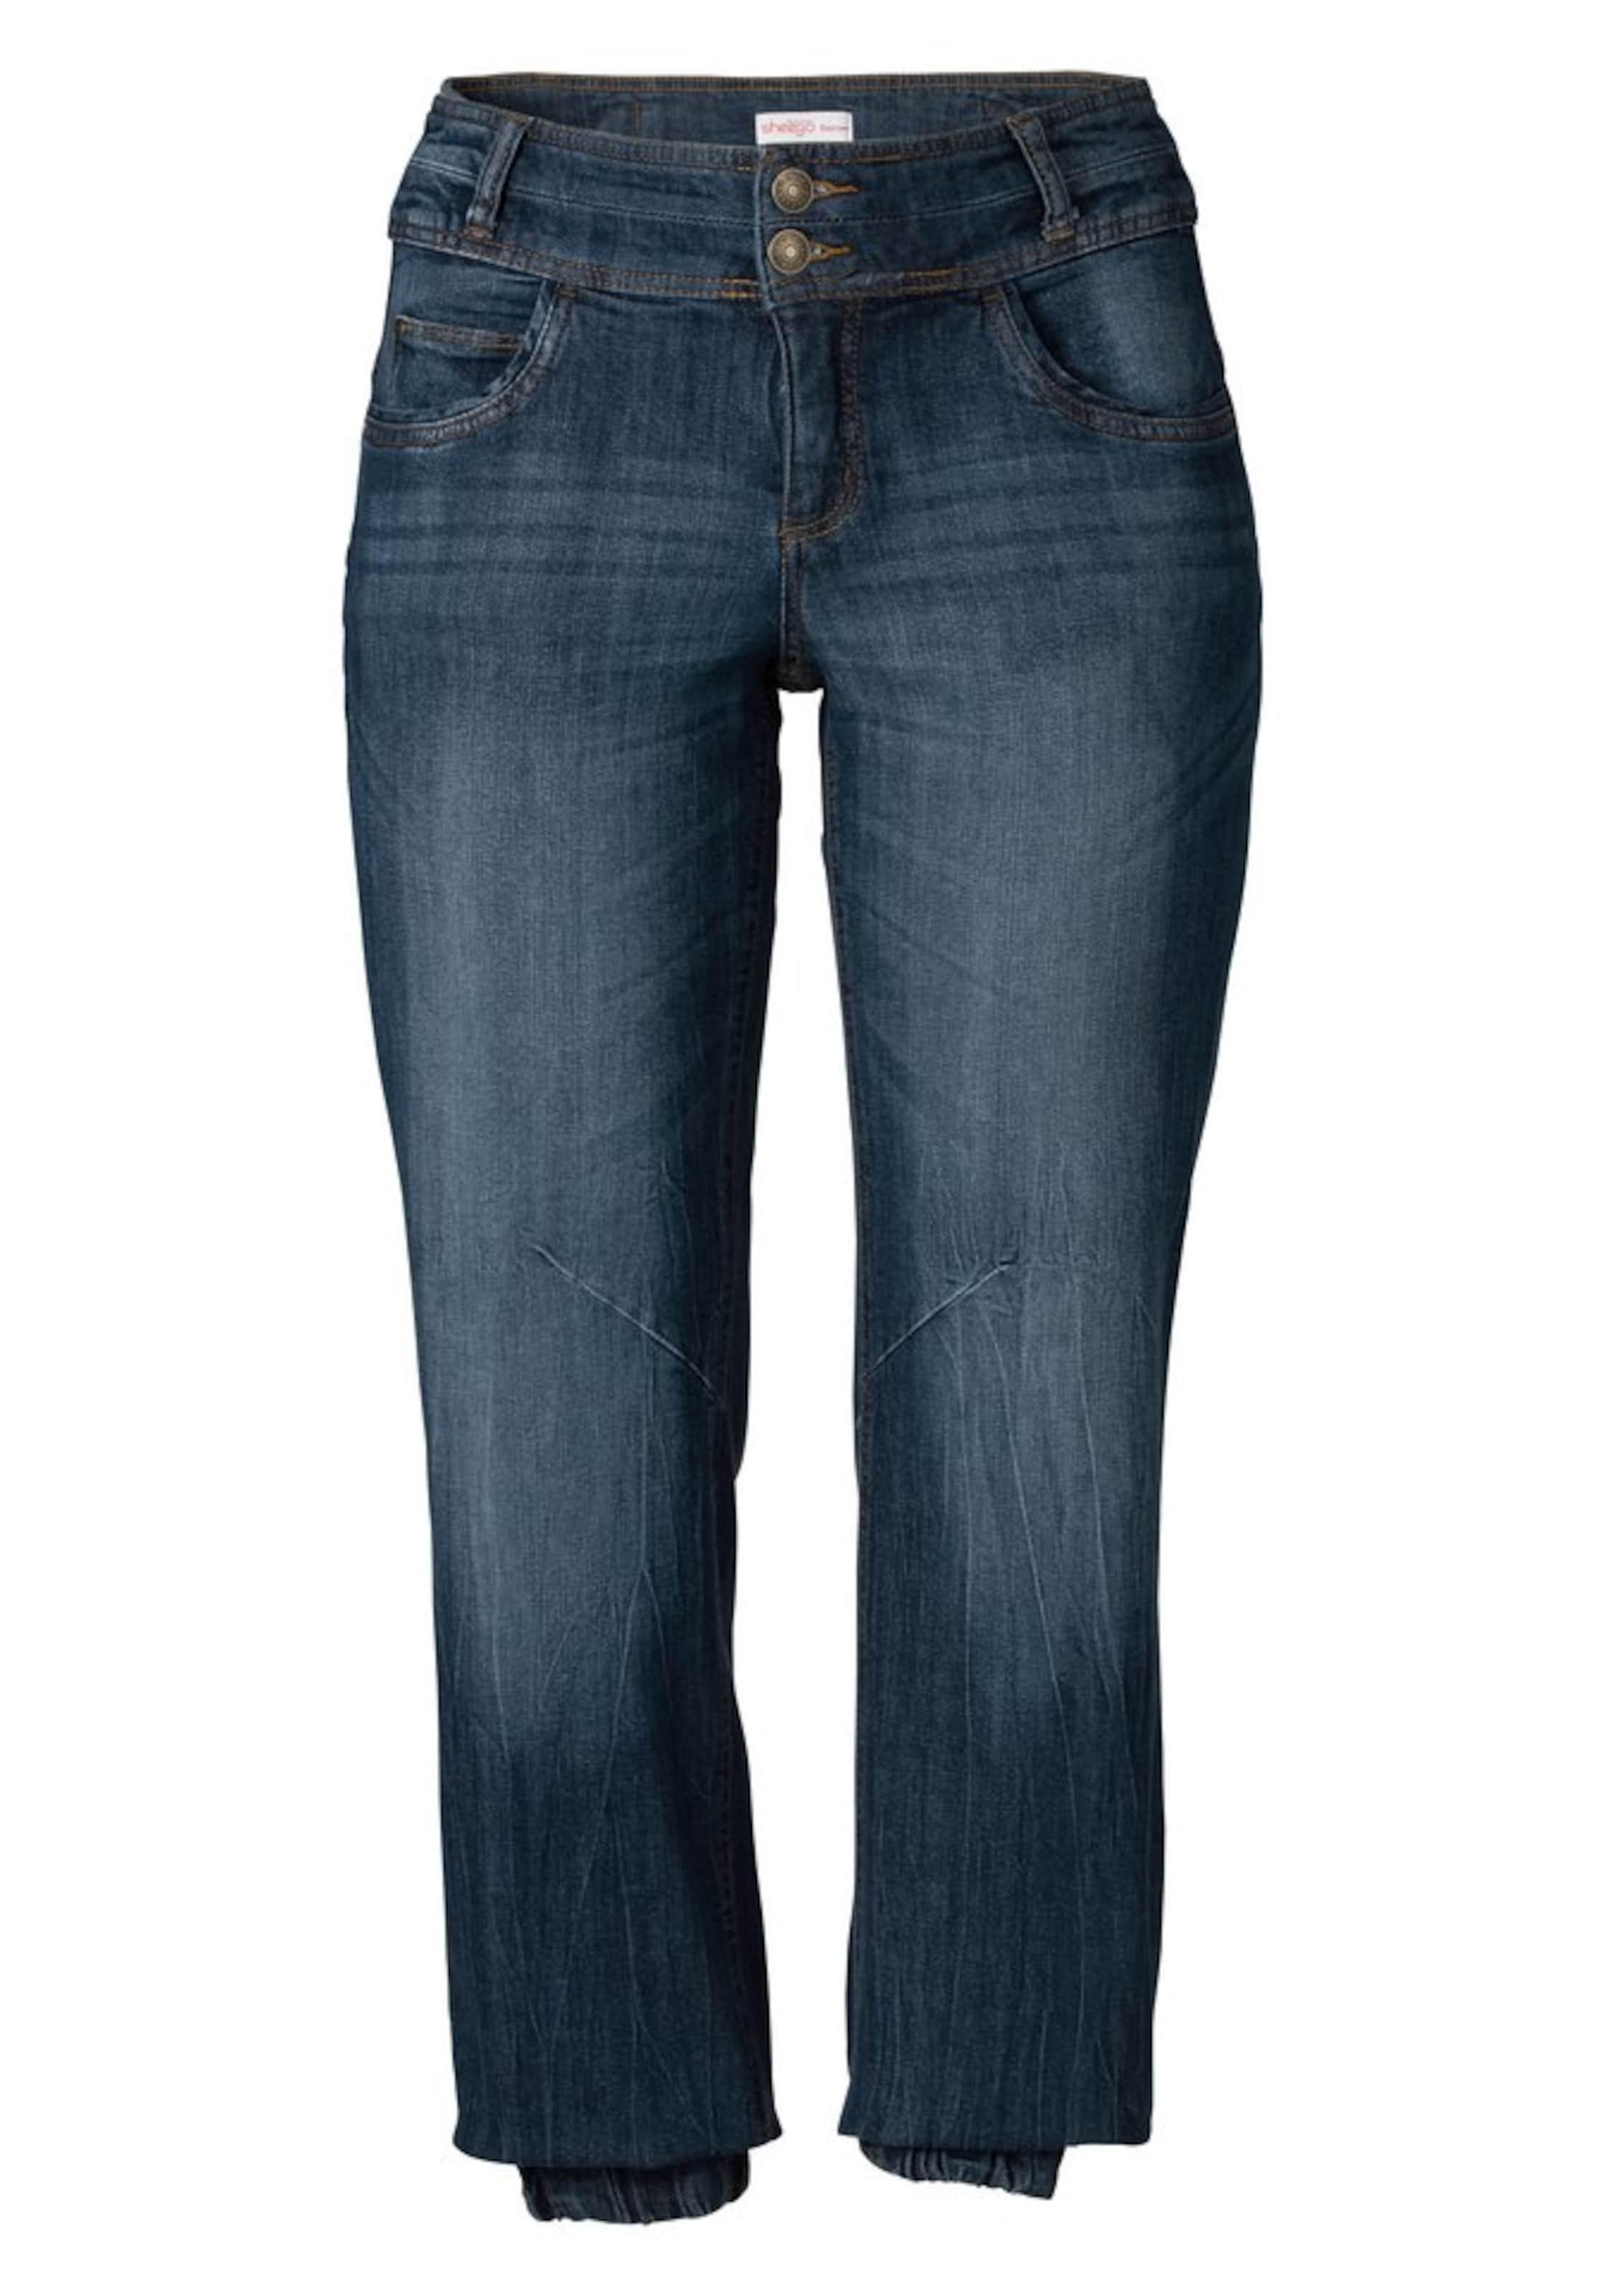 sheego denim Stretch-Jeans Billig Wirklich Manchester Großer Verkauf Günstiger Preis vom5b